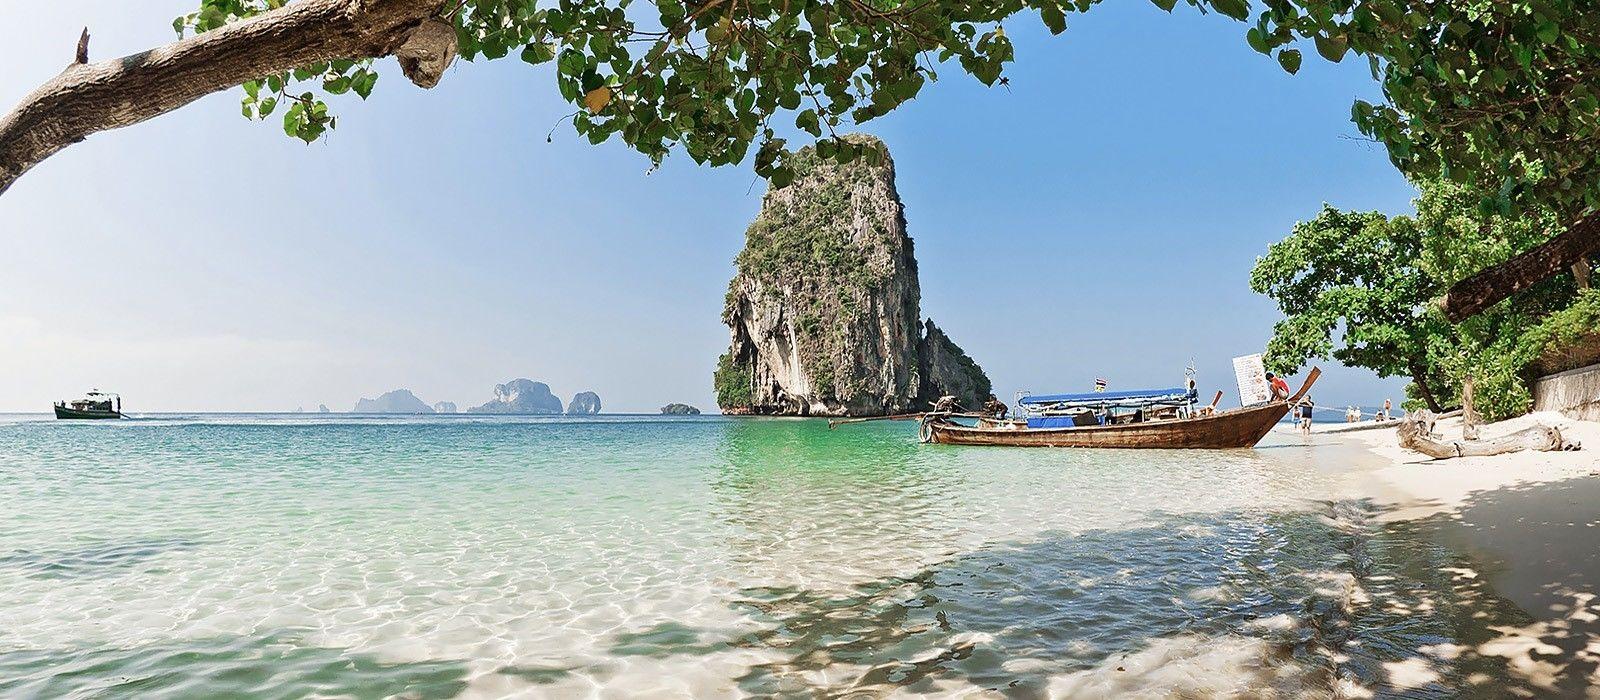 Destination Railay Beach Thailand